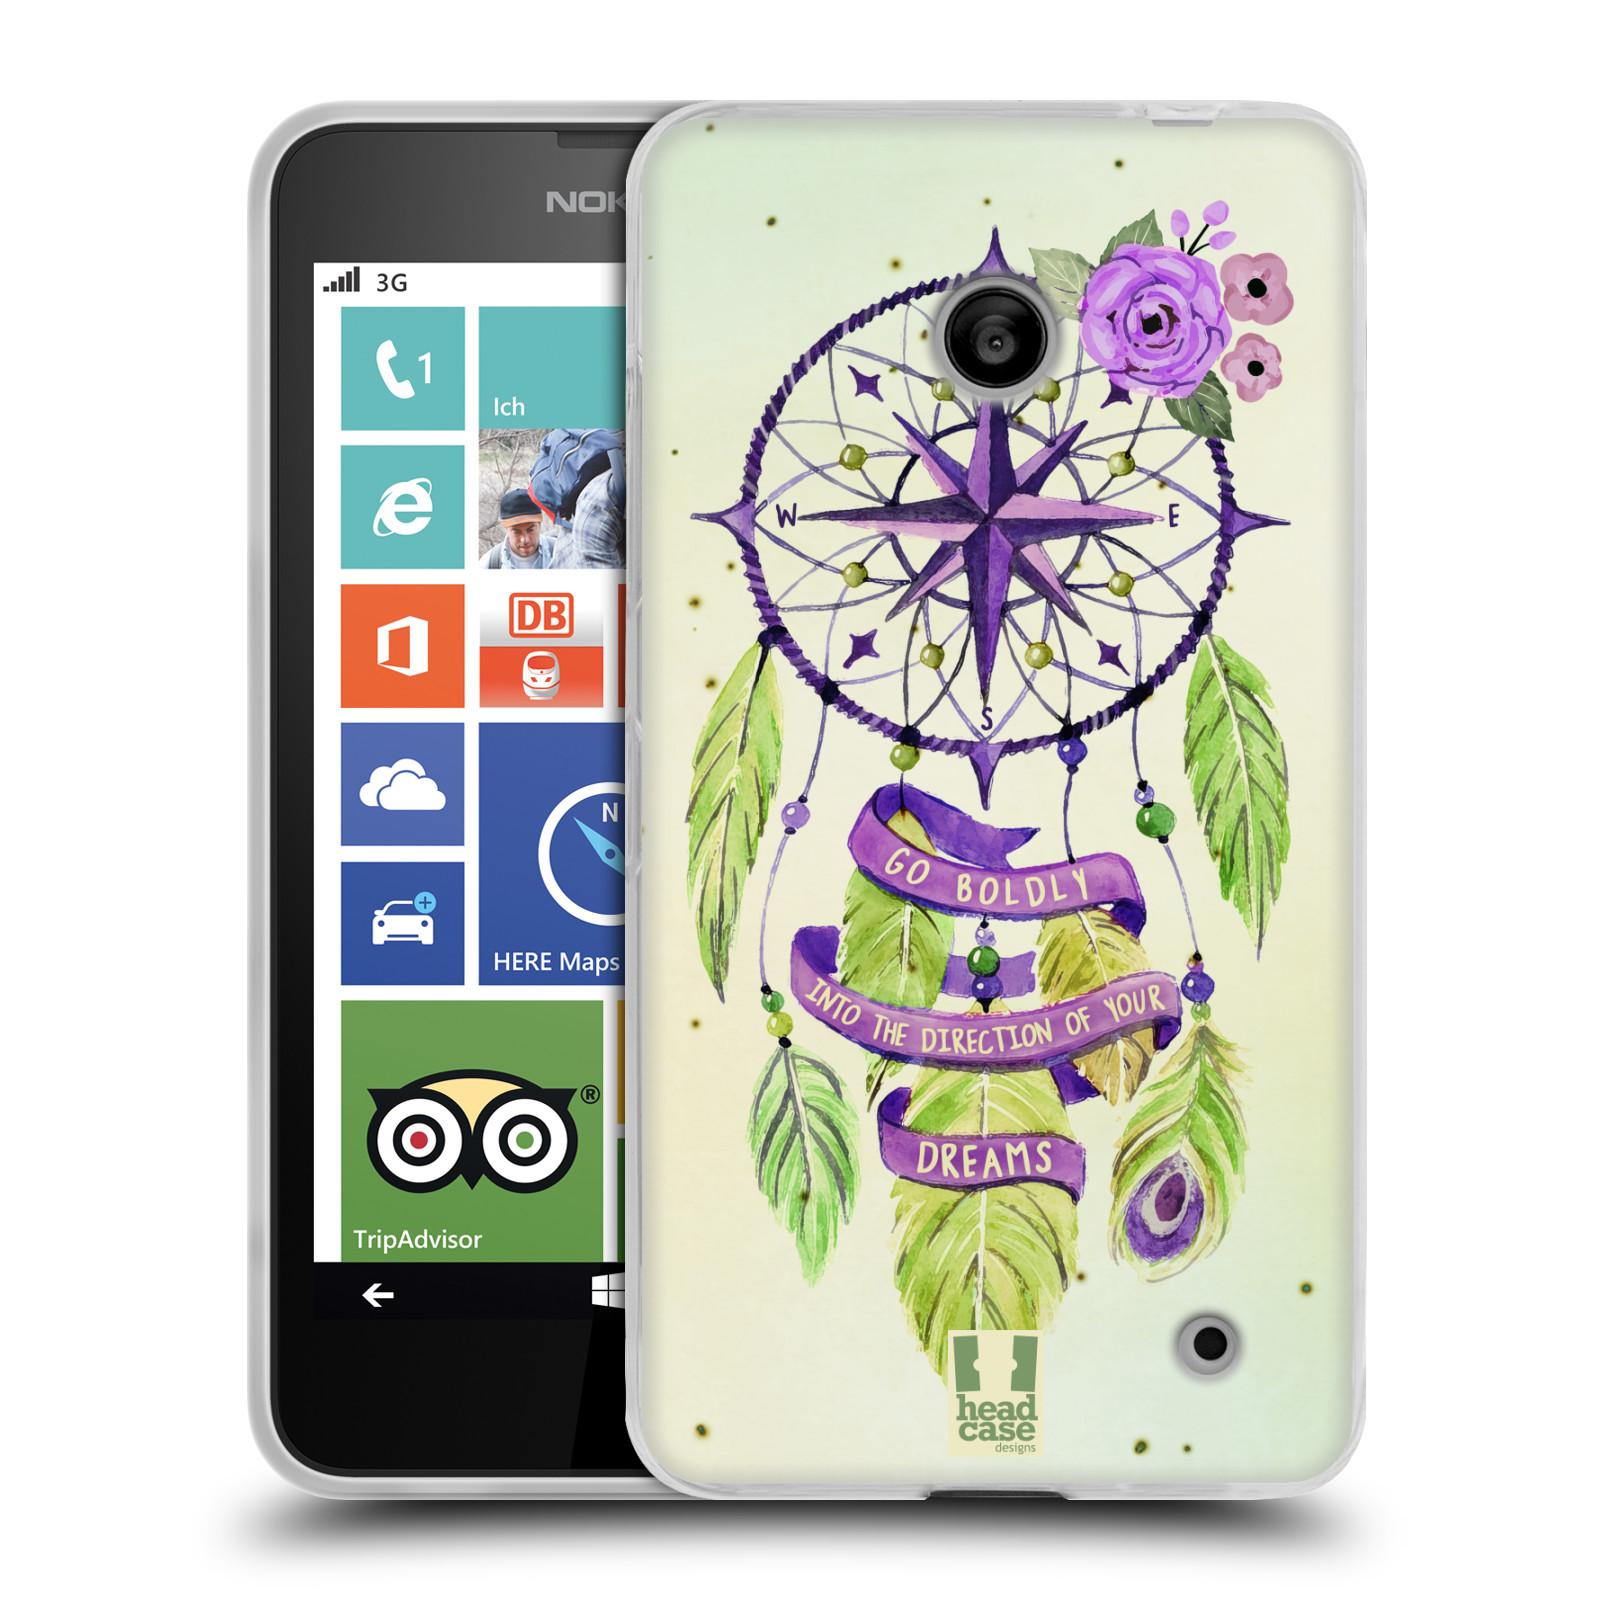 Silikonové pouzdro na mobil Nokia Lumia 635 HEAD CASE Lapač Assorted Compass (Silikonový kryt či obal na mobilní telefon Nokia Lumia 635 Dual SIM)